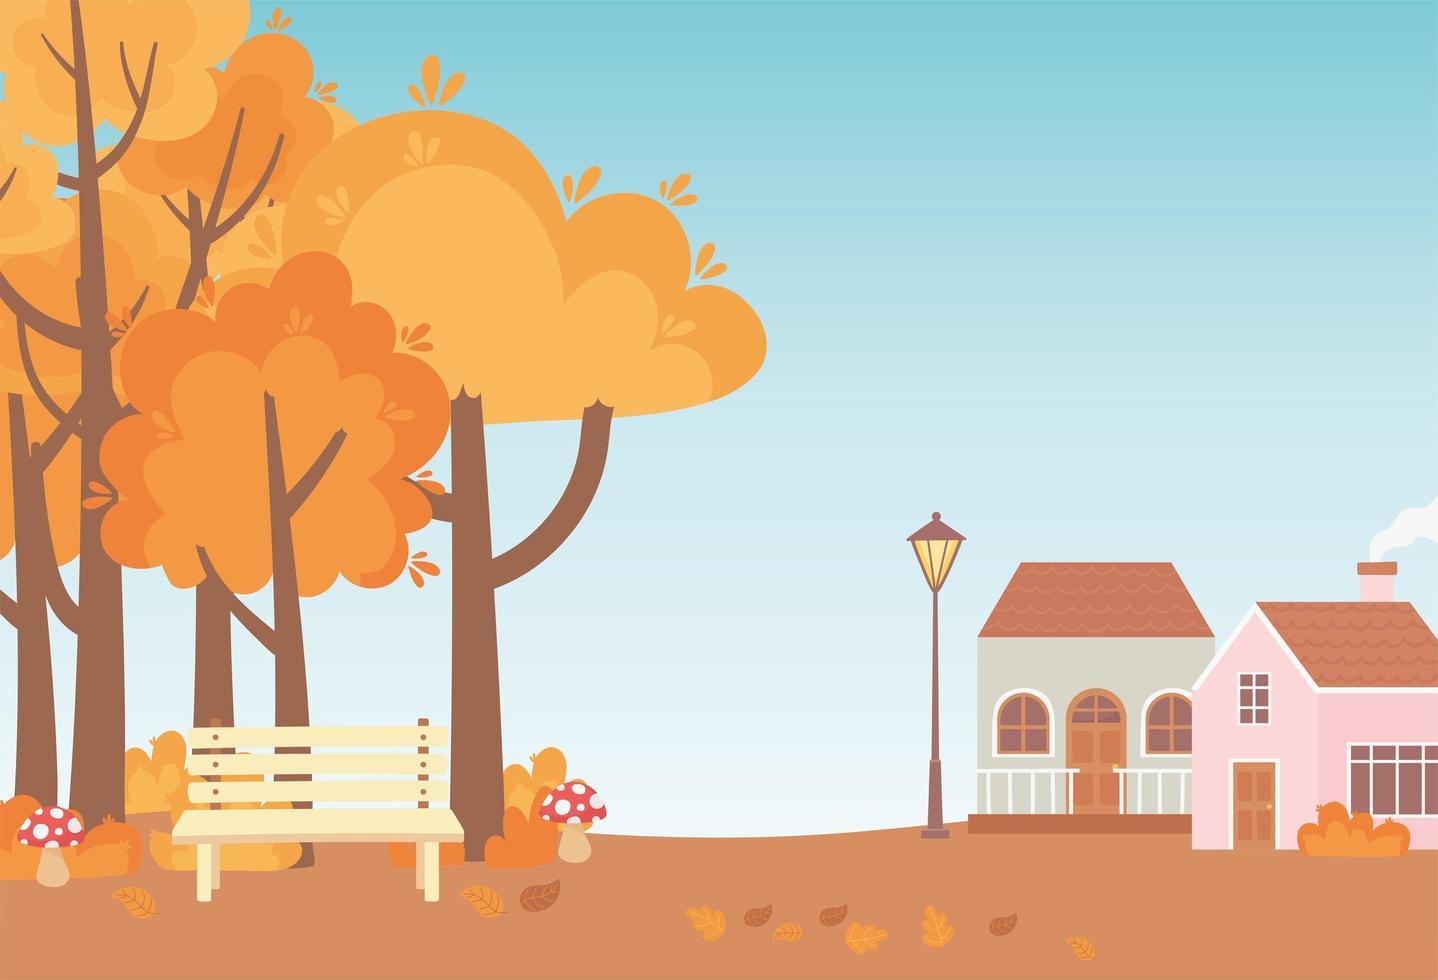 landskap på hösten. stugor, bänk och parkträd vektor